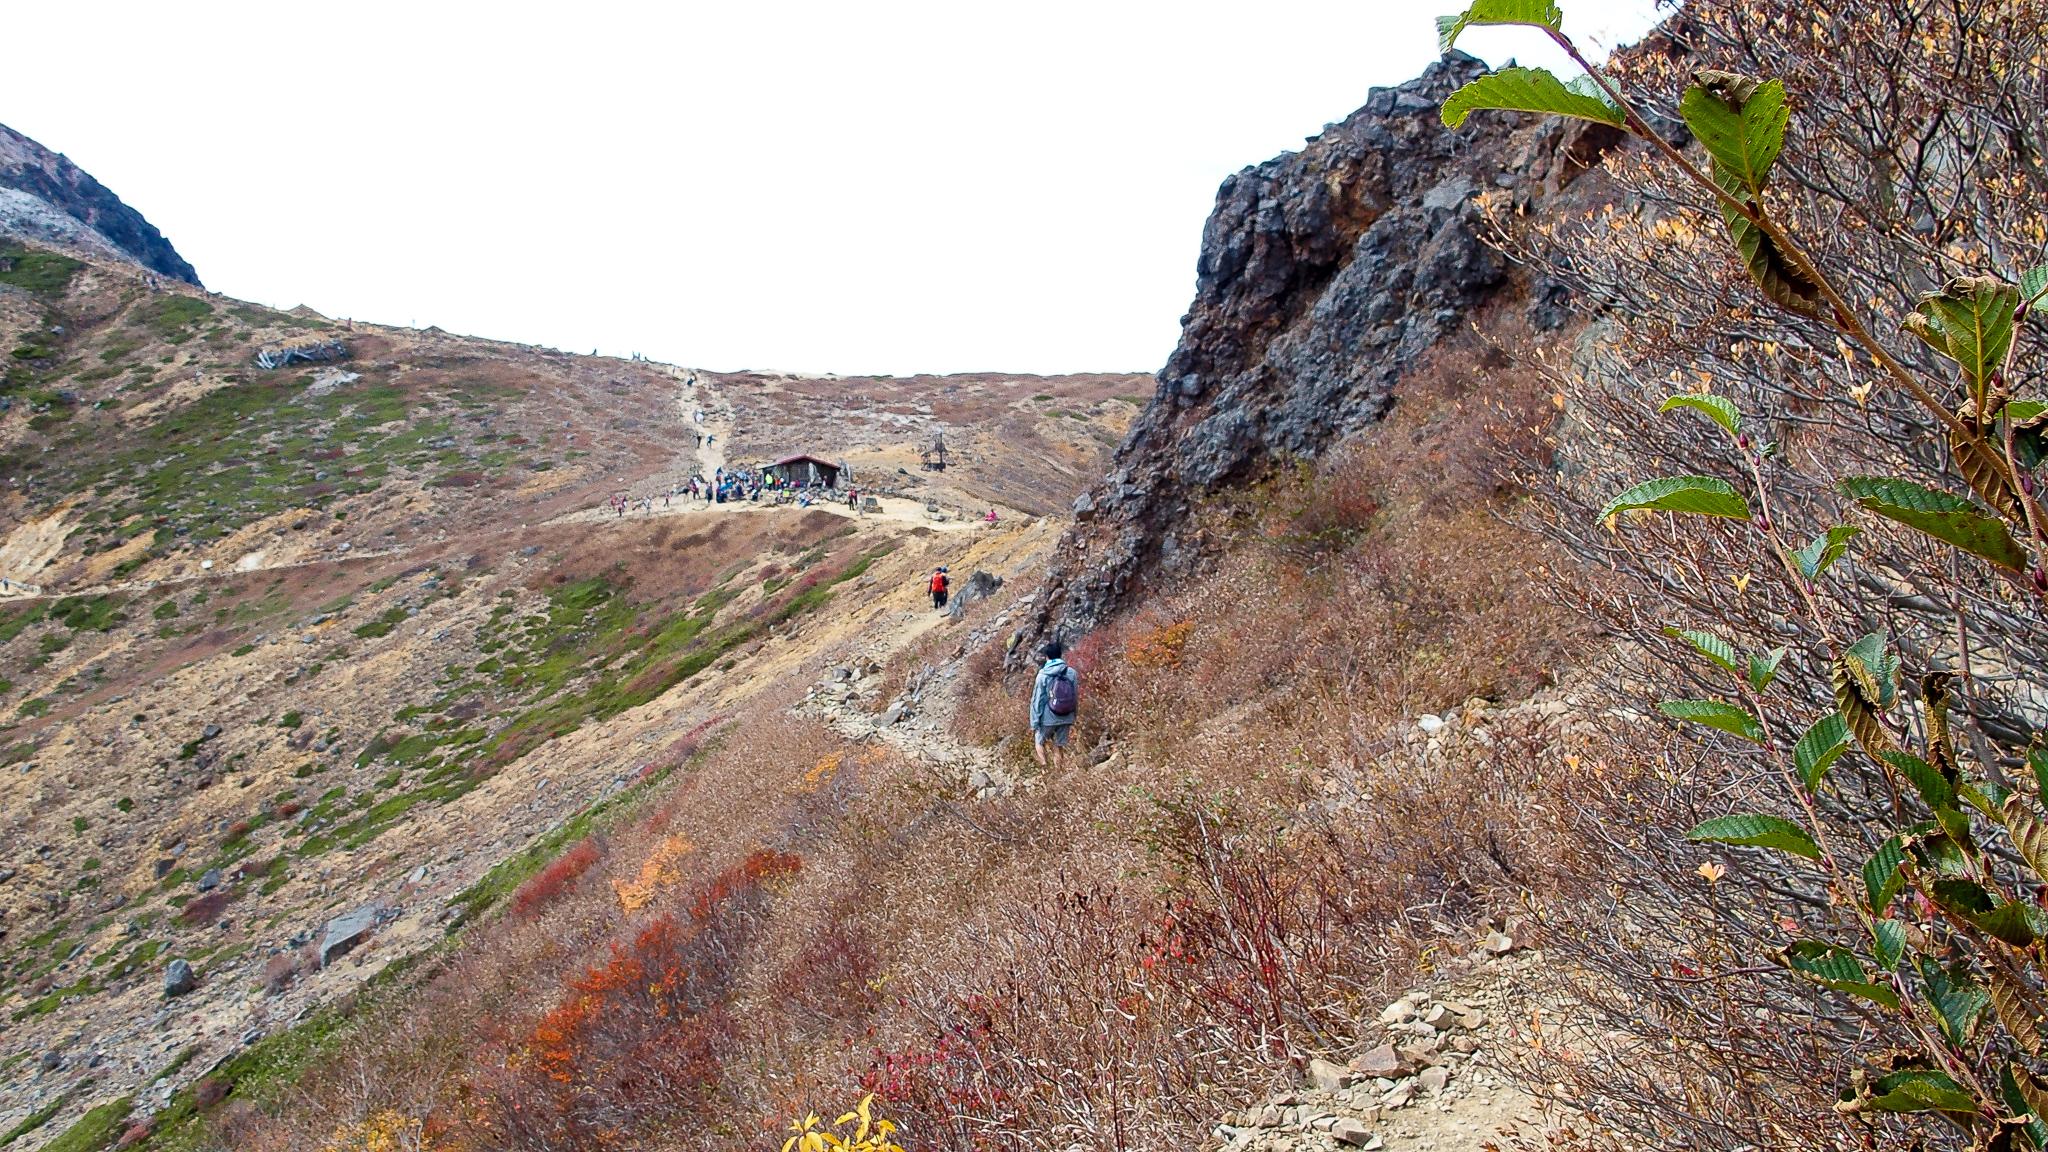 那須岳・剣ヶ峰をぐるっと巻いて、進みます